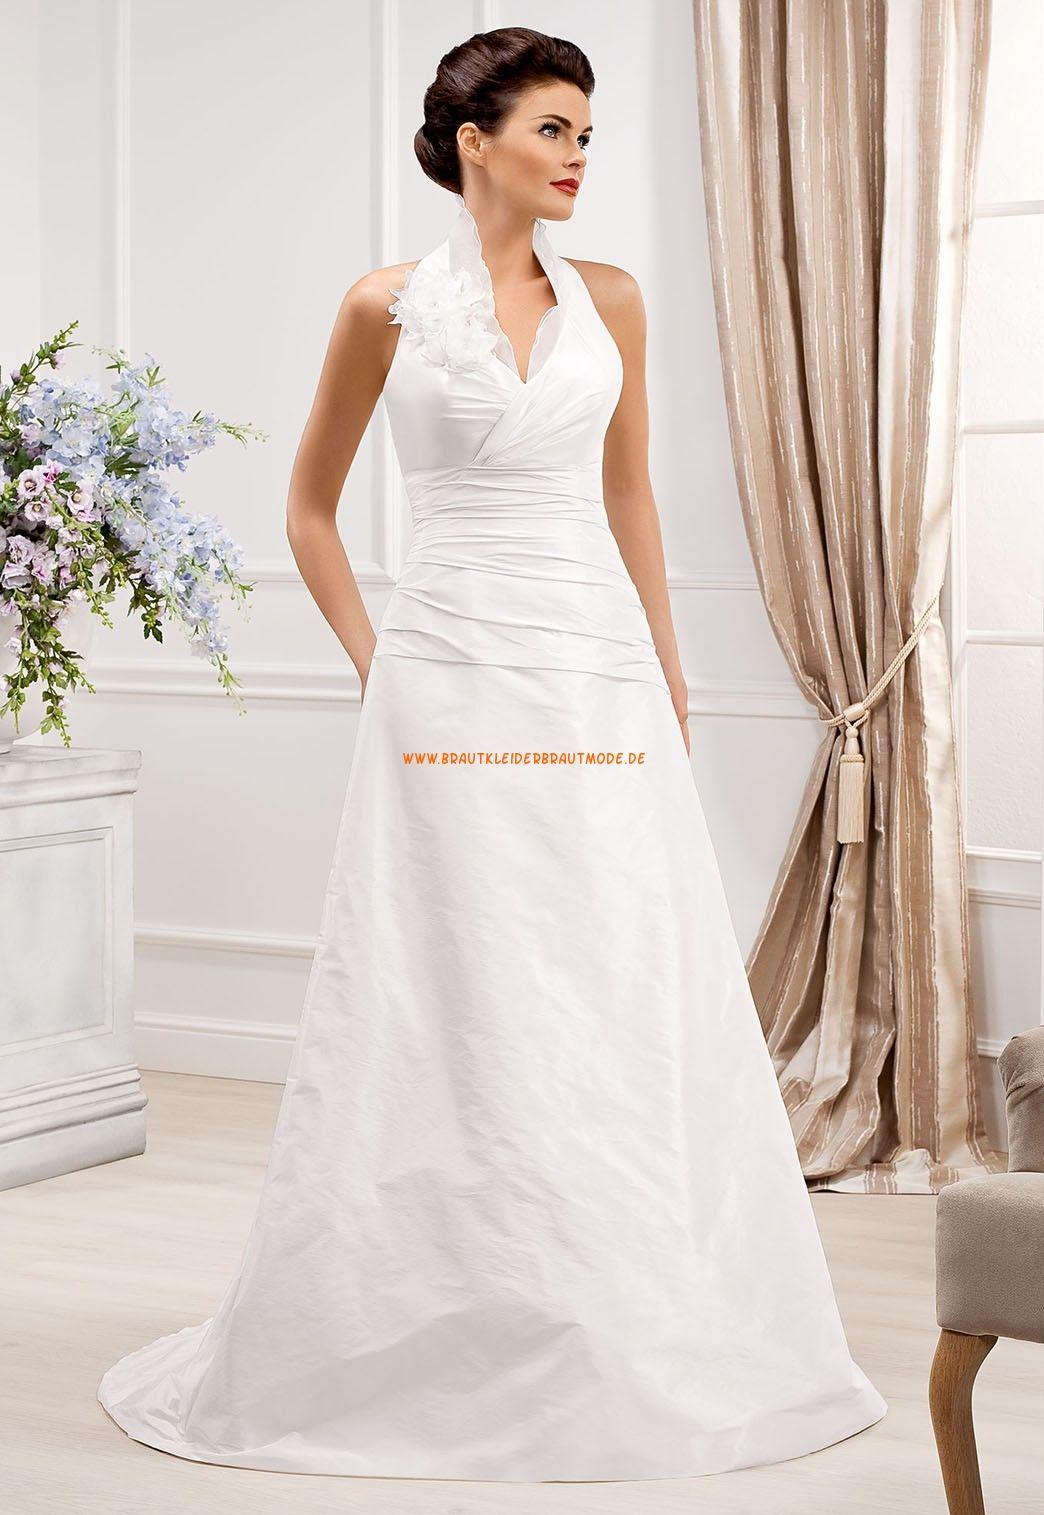 Schicke Schlichte Brautkleider aus Satin  Celebrity wedding